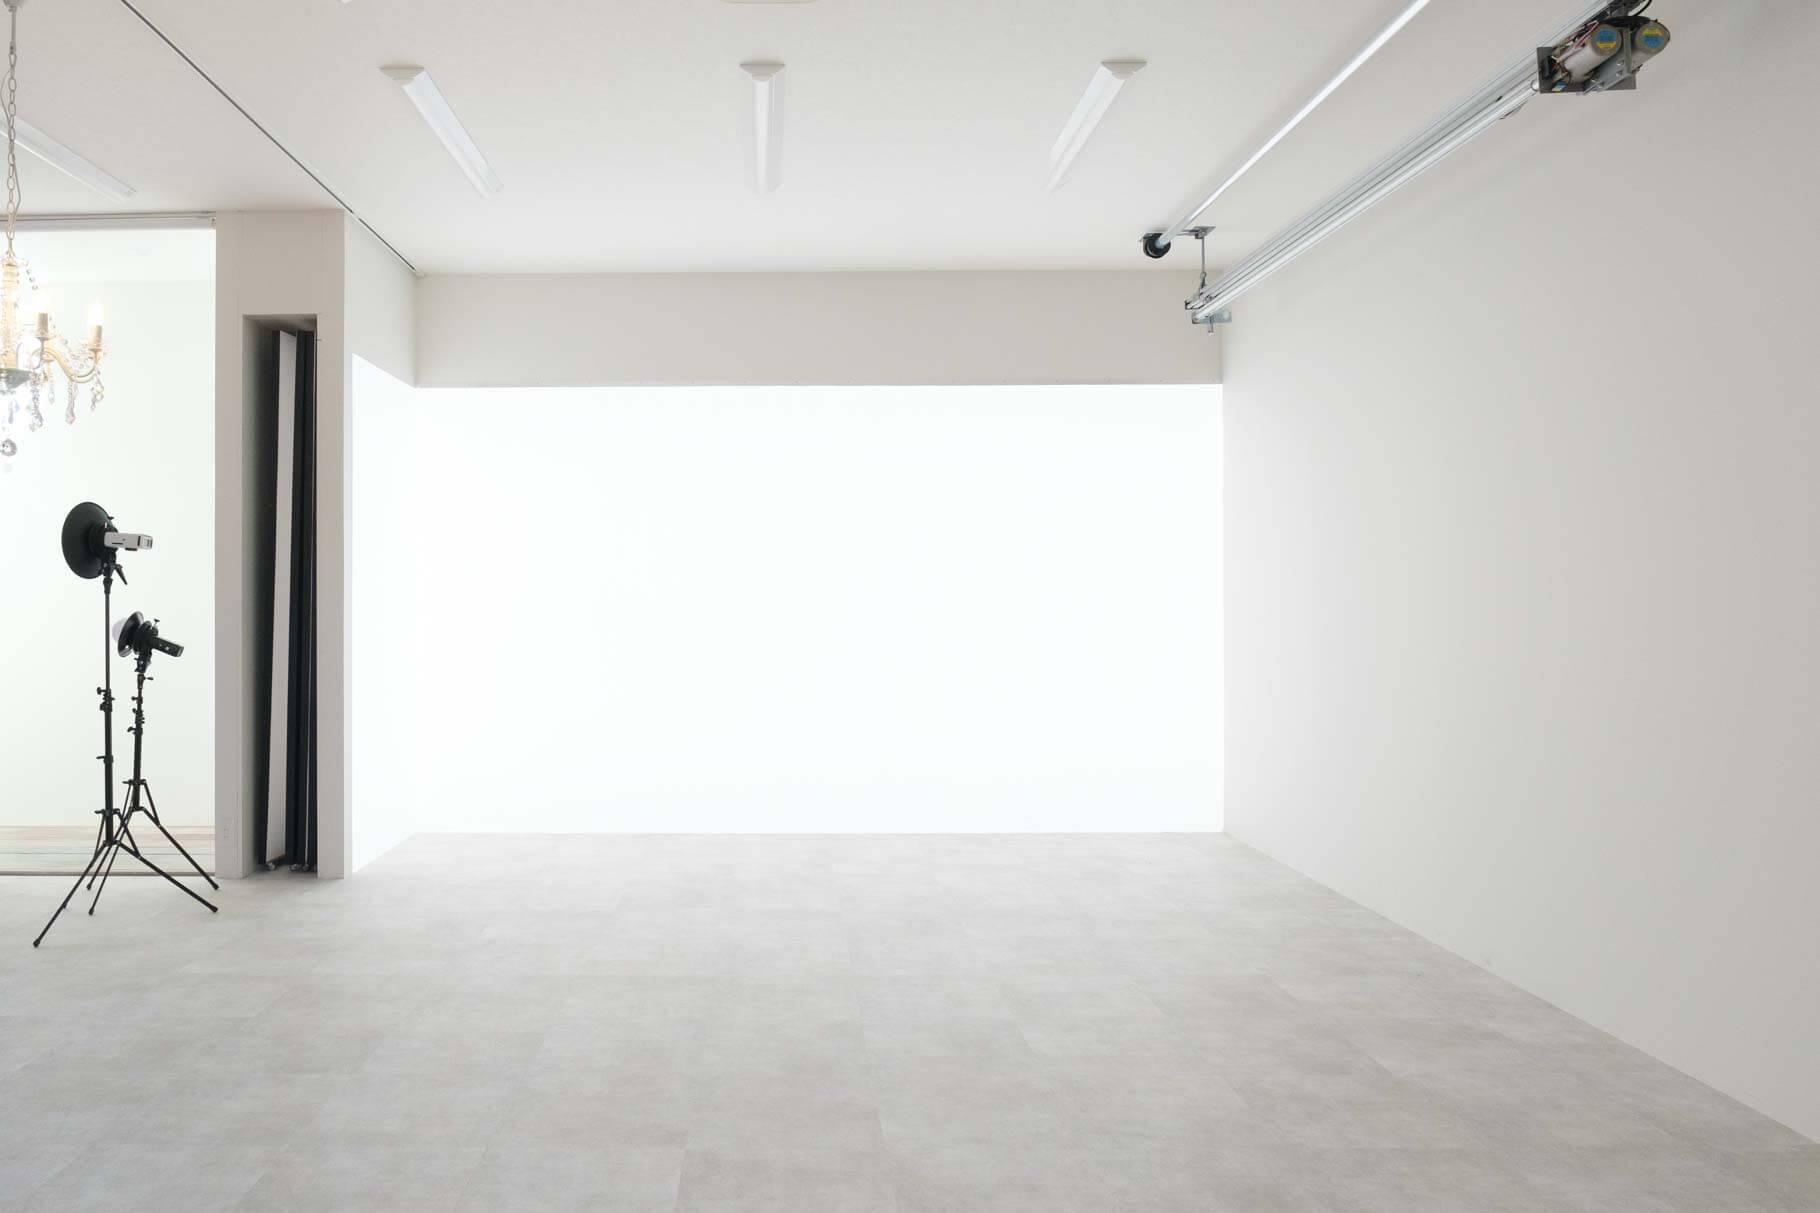 メインスタジオ光壁